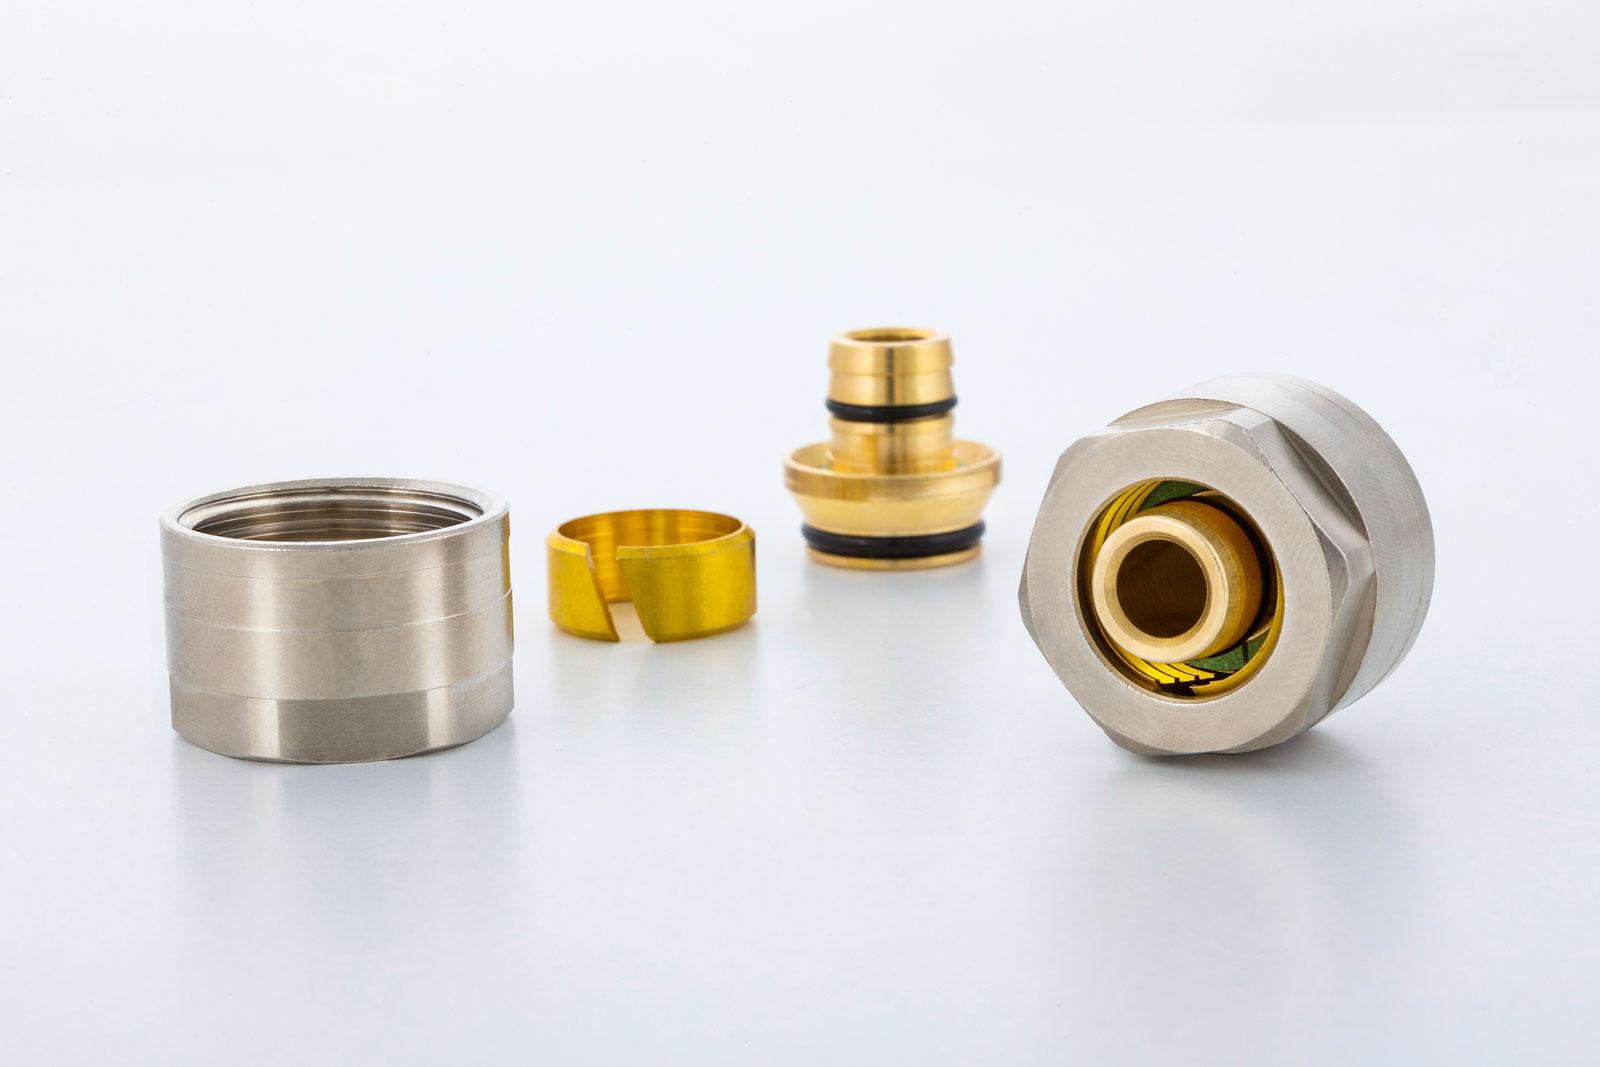 Verschraubungen produziert durch METUSAN TURNING GmbH